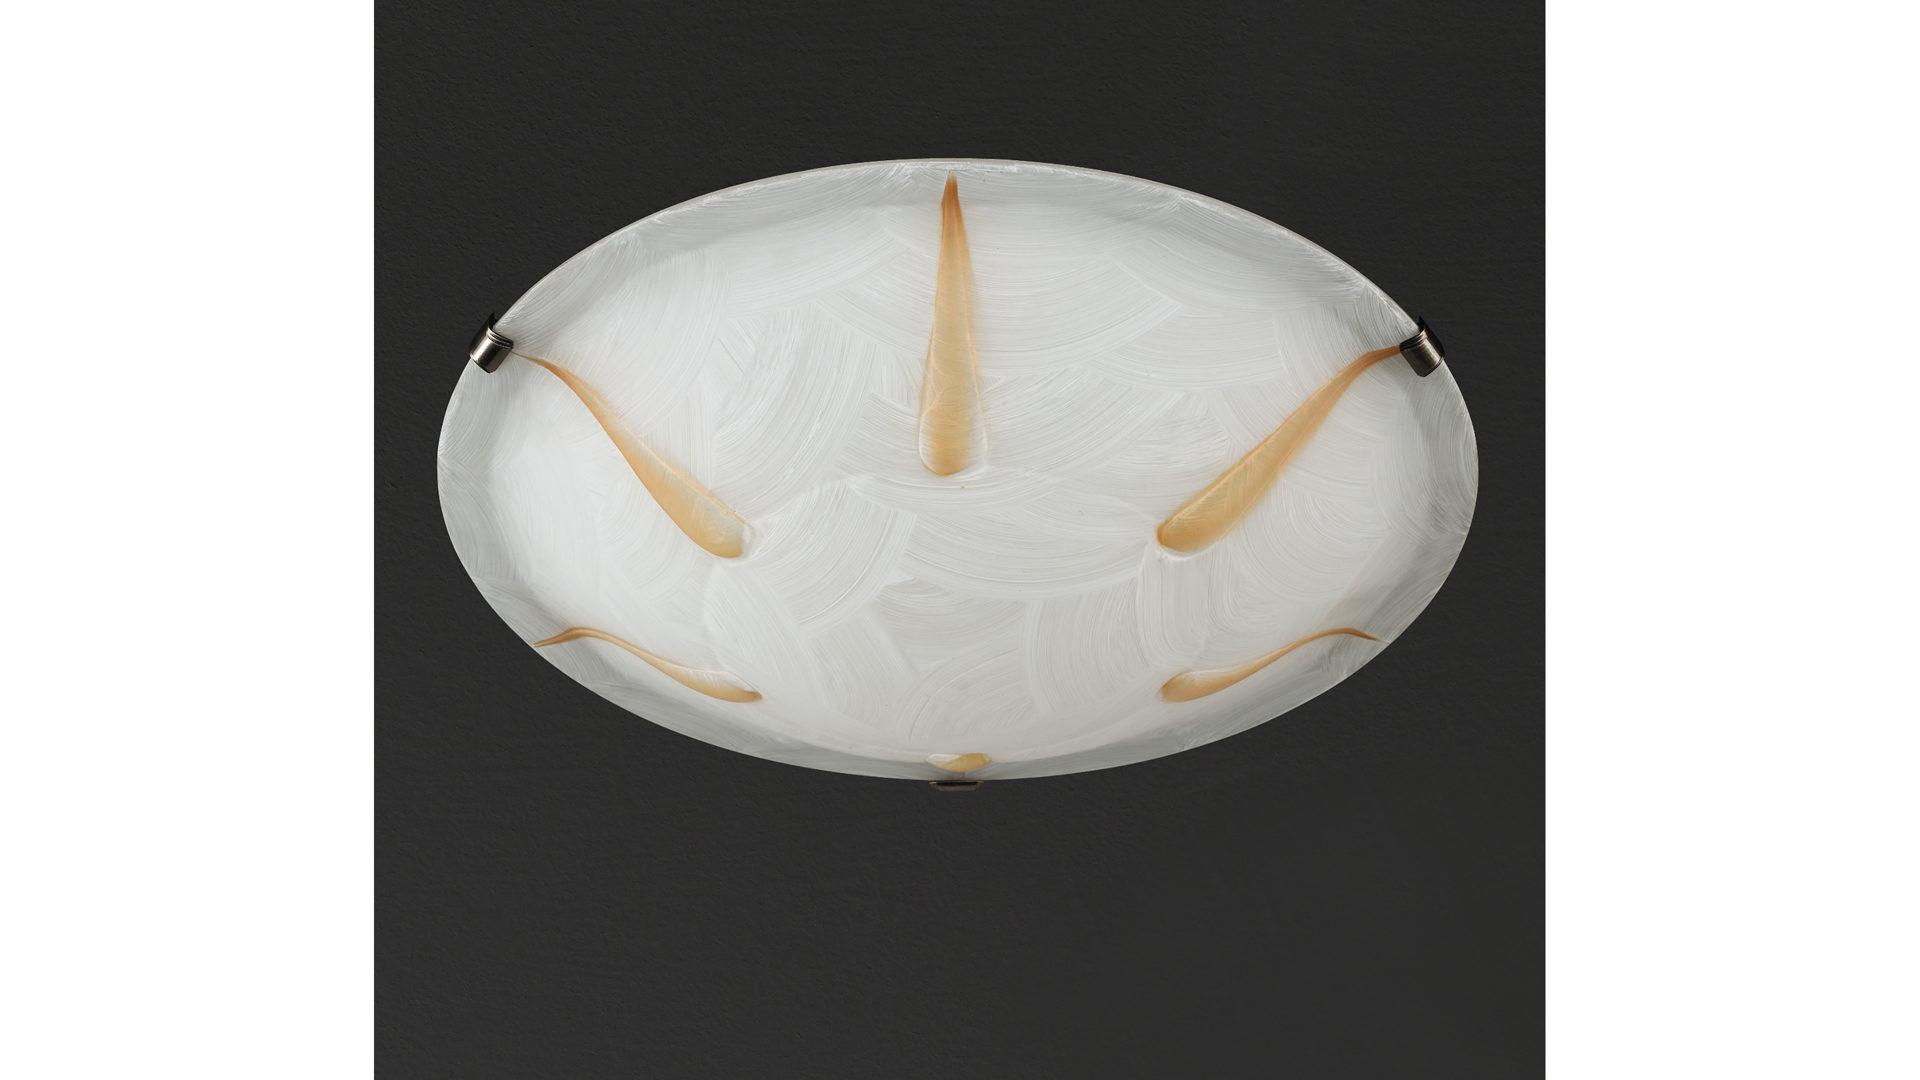 Deckenleuchte Fischer U0026 Honsel Aus Glas In Weiß Deckenleuchte Dardo  Alabasterfarbenes Glas U0026 Altmessingfarbenes Metall U2013